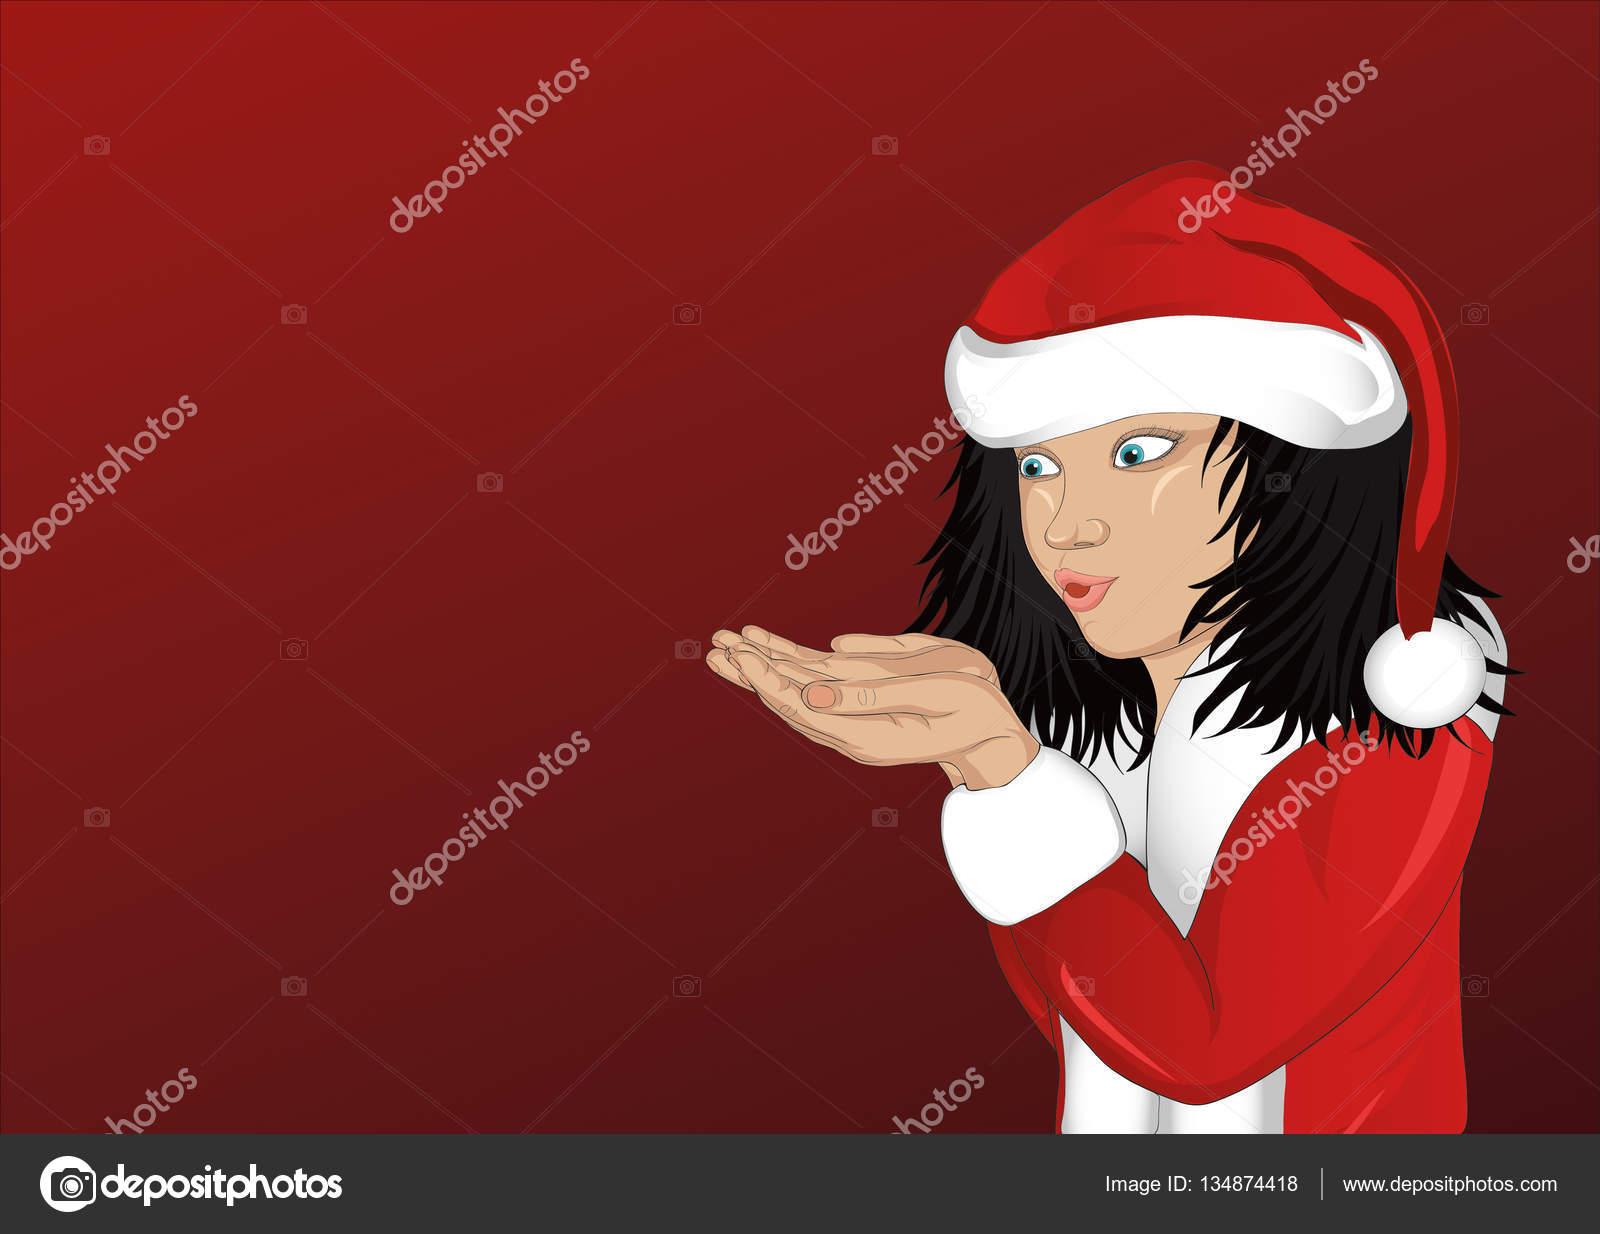 Chica feliz en traje de Santa Claus soplando copos de nieve de sus manos.  Vector. Tarjeta de Navidad sobre fondo rojo. Espacio vacío para la  publicidad. a6db8dc90ab